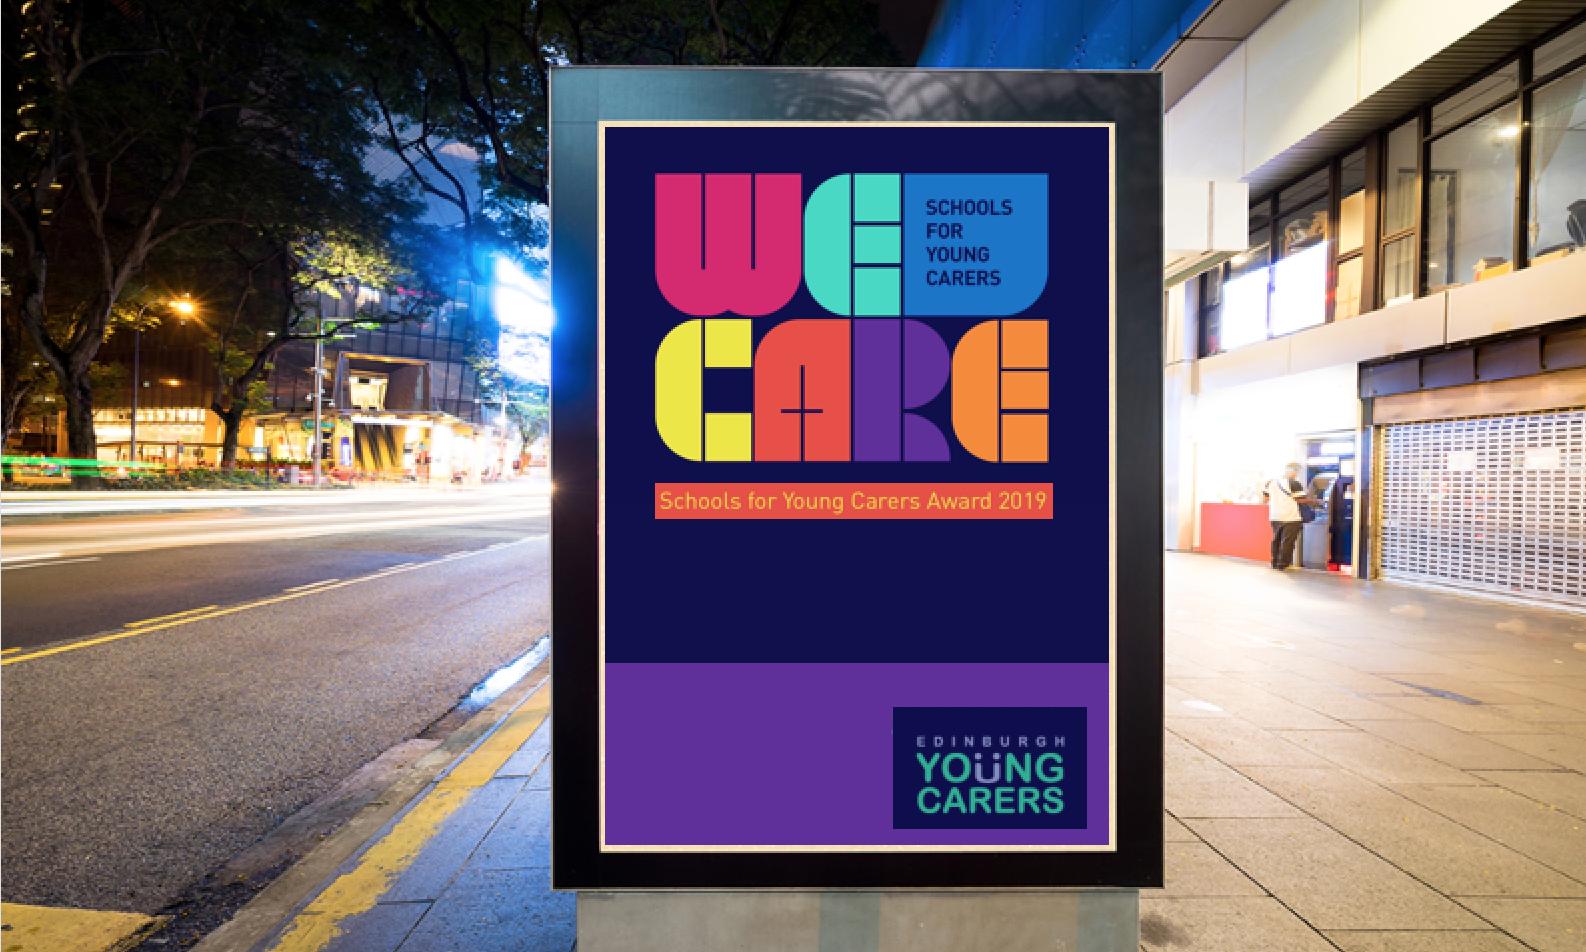 Edinburgh Young Carers